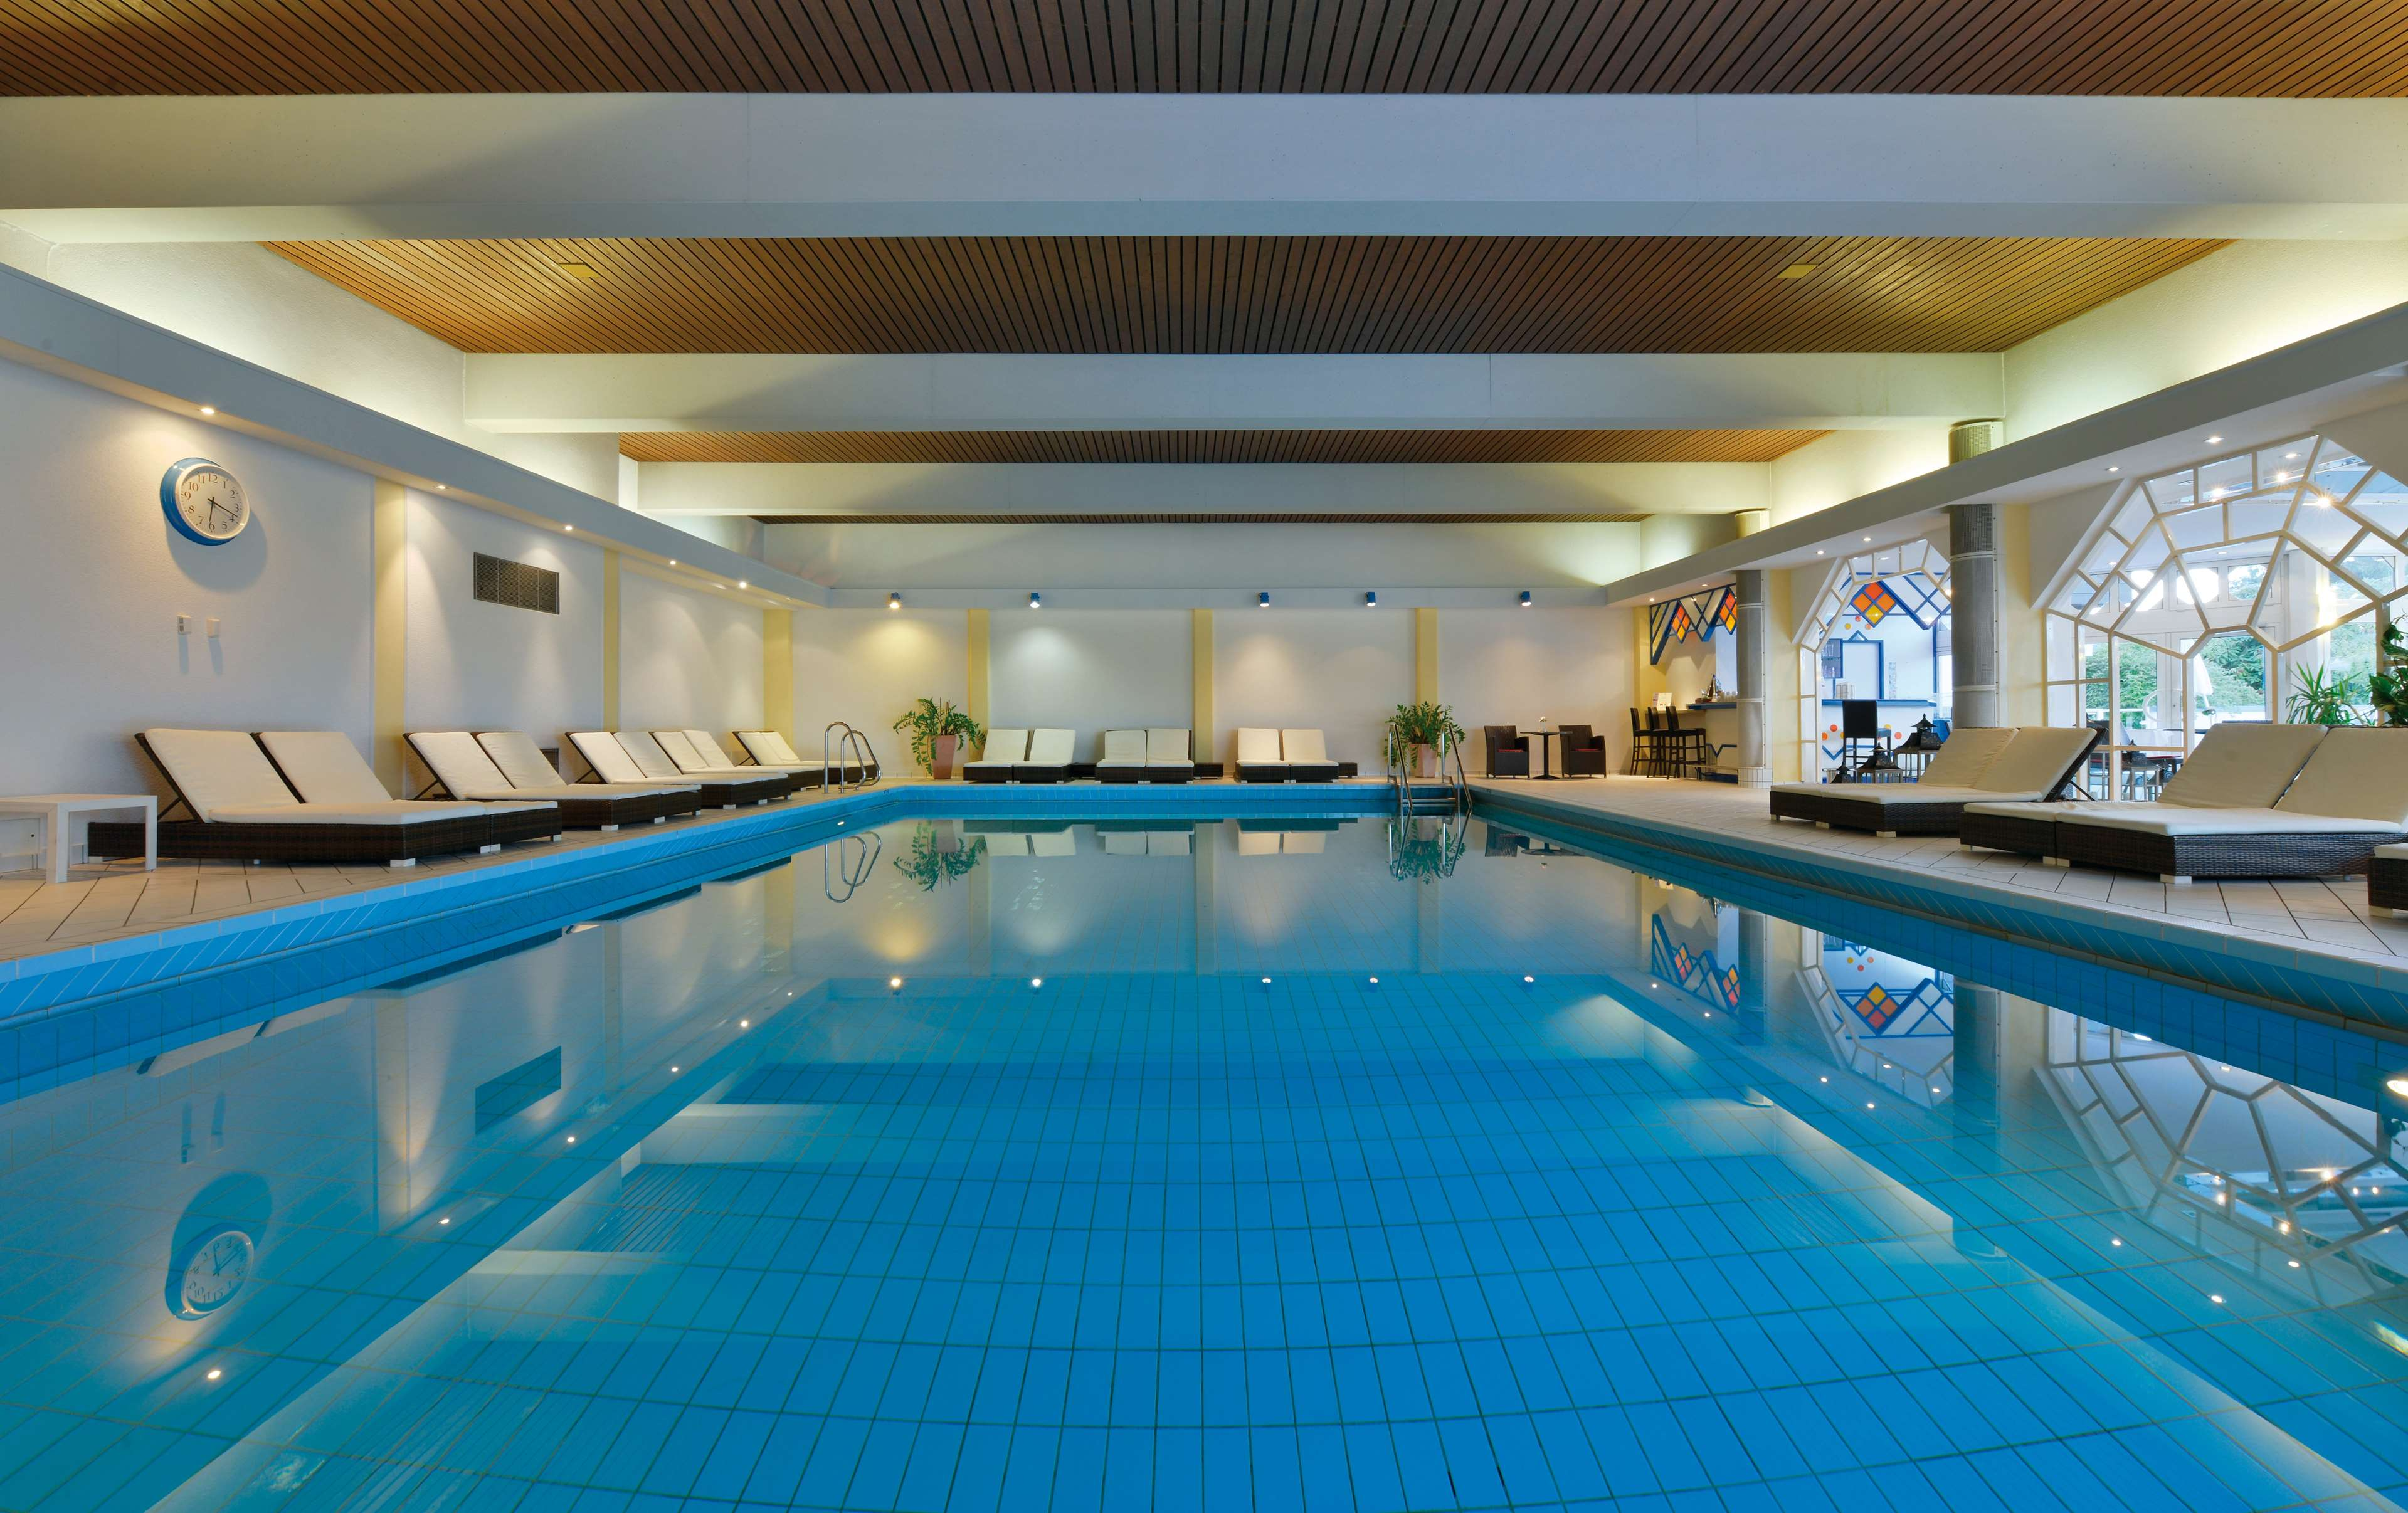 best western premier hotel sonnenhof in lam ffnungszeiten adresse. Black Bedroom Furniture Sets. Home Design Ideas